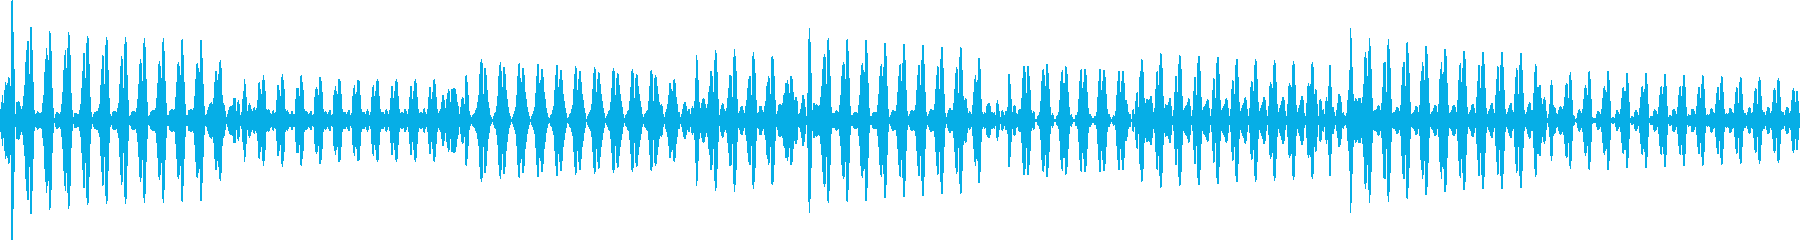 ベース指弾き 4/4 140(ラ)1の再生済みの波形